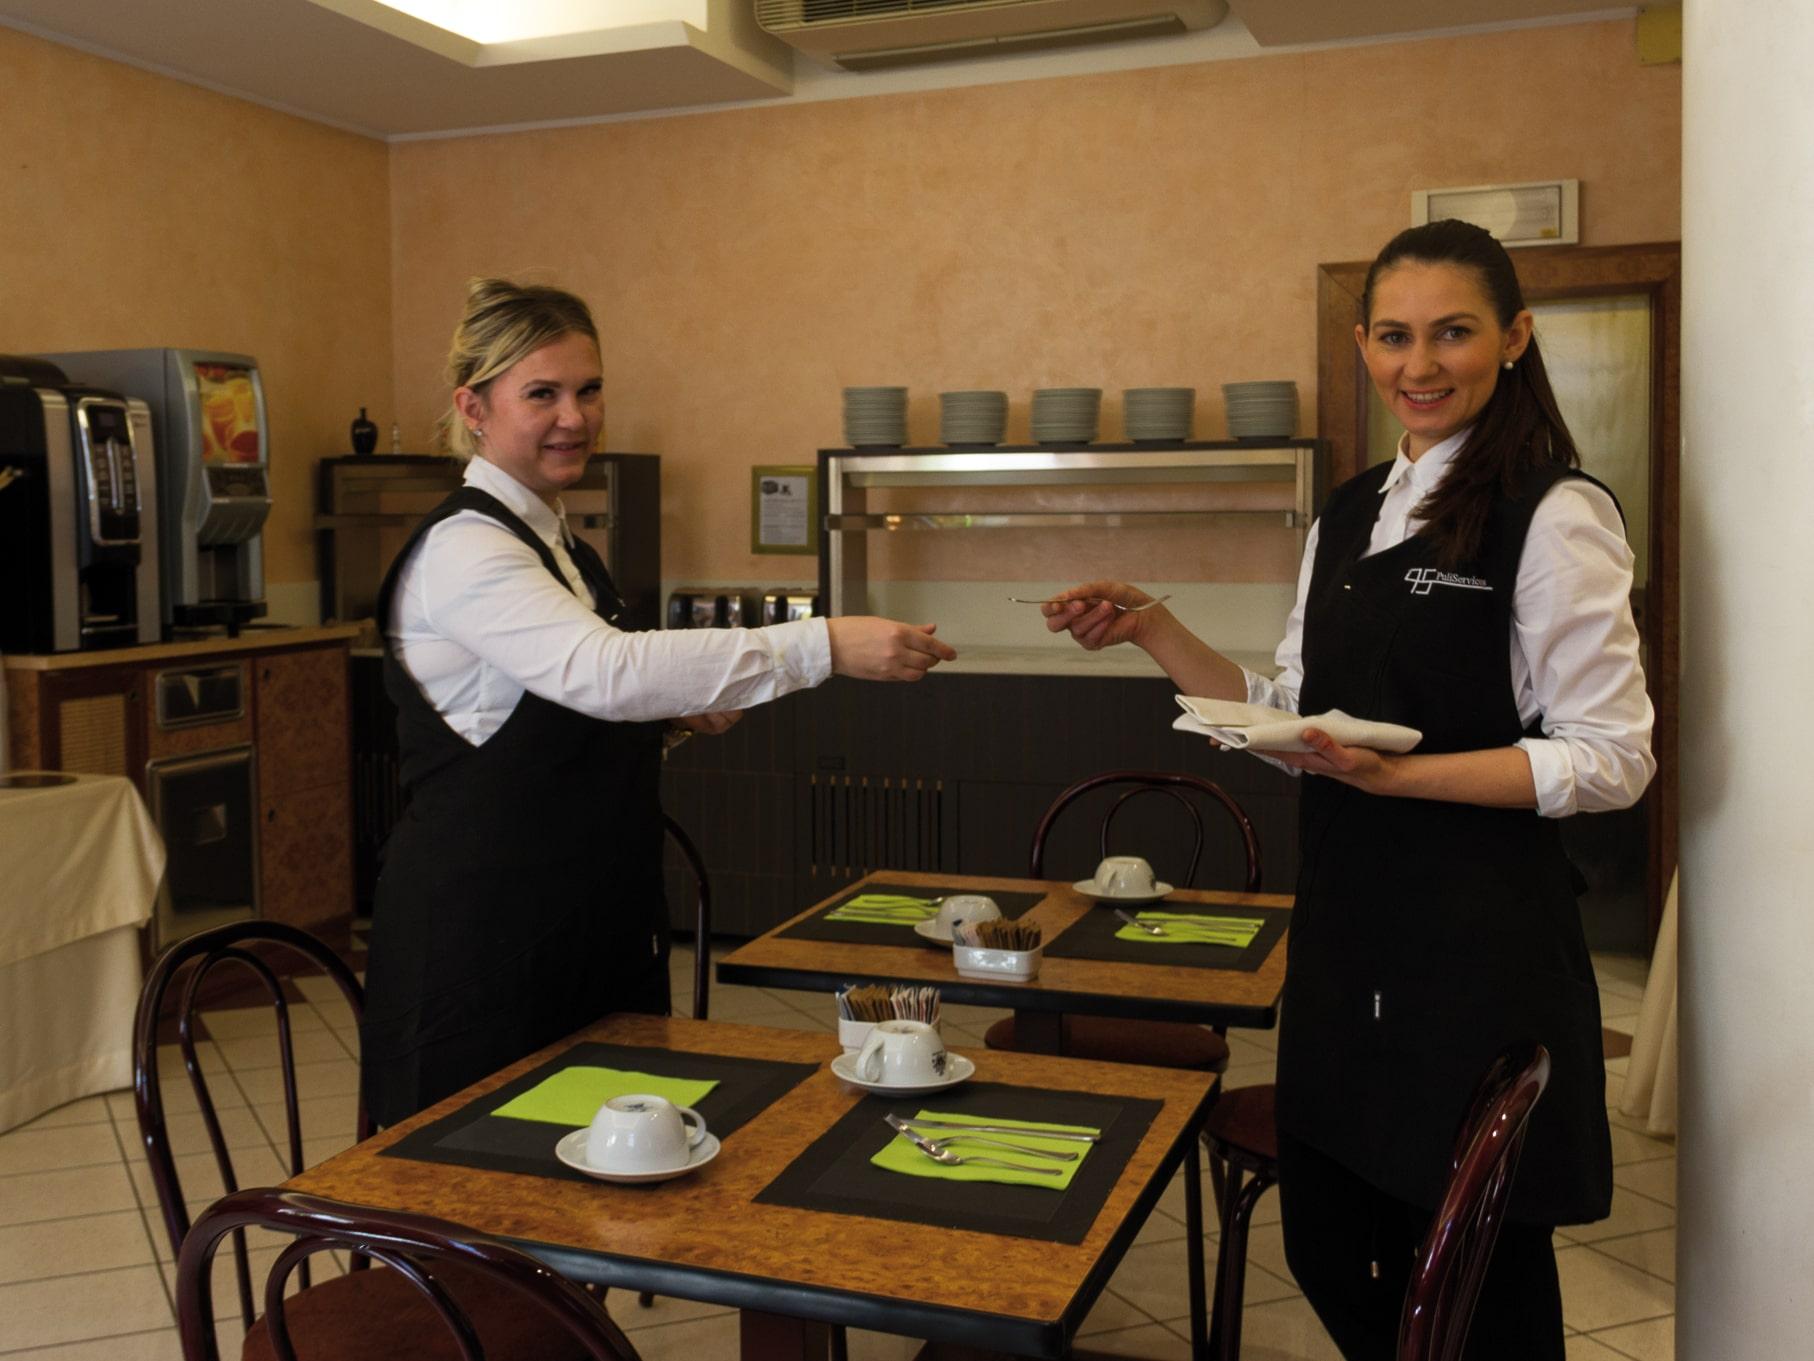 Pulizia ristorazione Puliservices